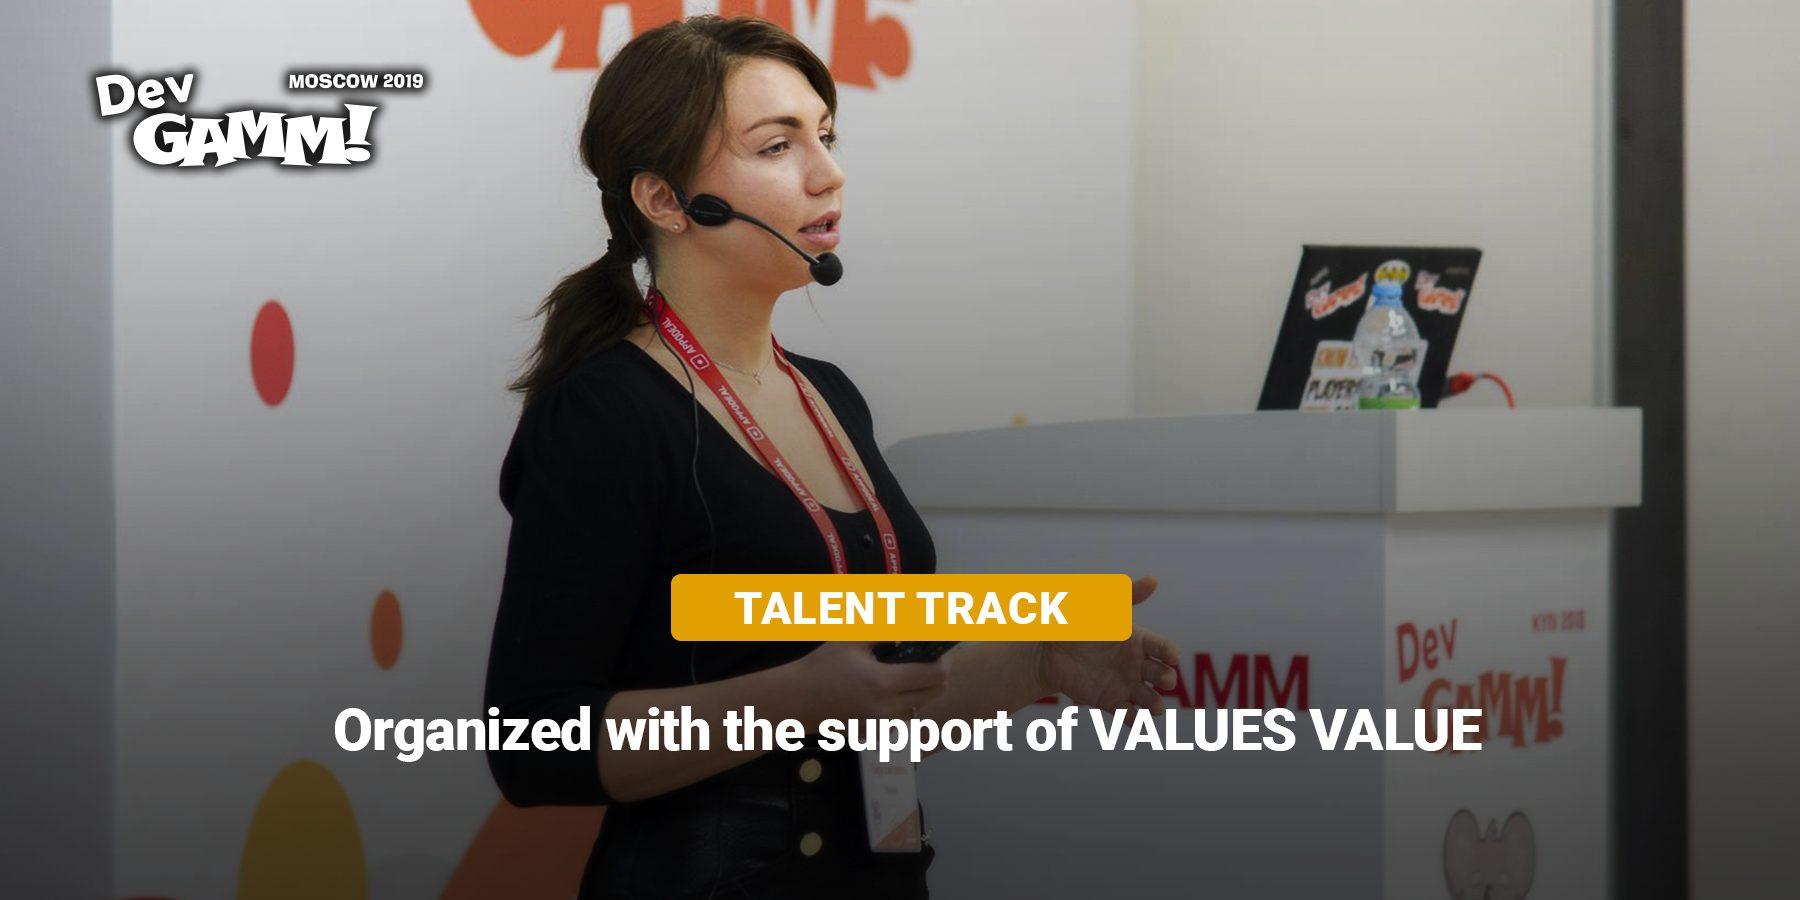 Трек по менеджменту талантов